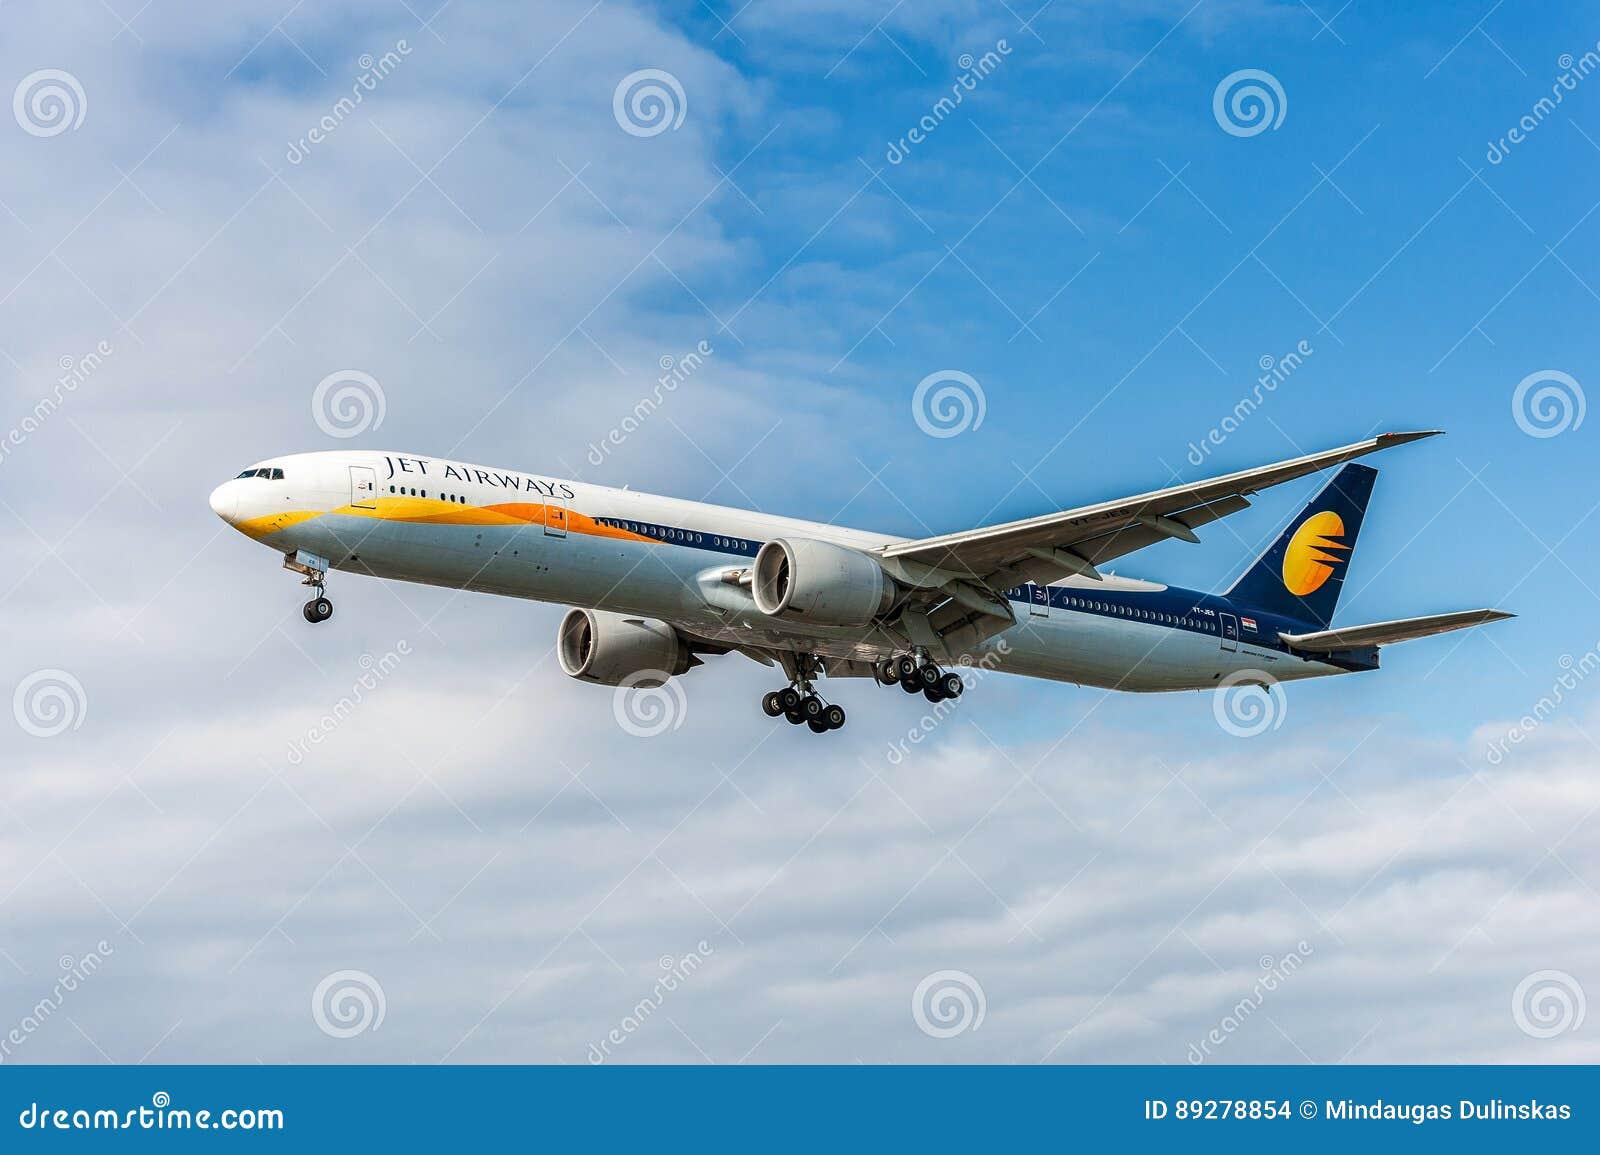 ΛΟΝΔΙΝΟ, ΑΓΓΛΙΑ - 22 ΑΥΓΟΎΣΤΟΥ 2016: VT-jes αεριωθούμενοι εναέριοι διάδρομοι Boeing 777 που προσγειώνονται στον αερολιμένα Heathr